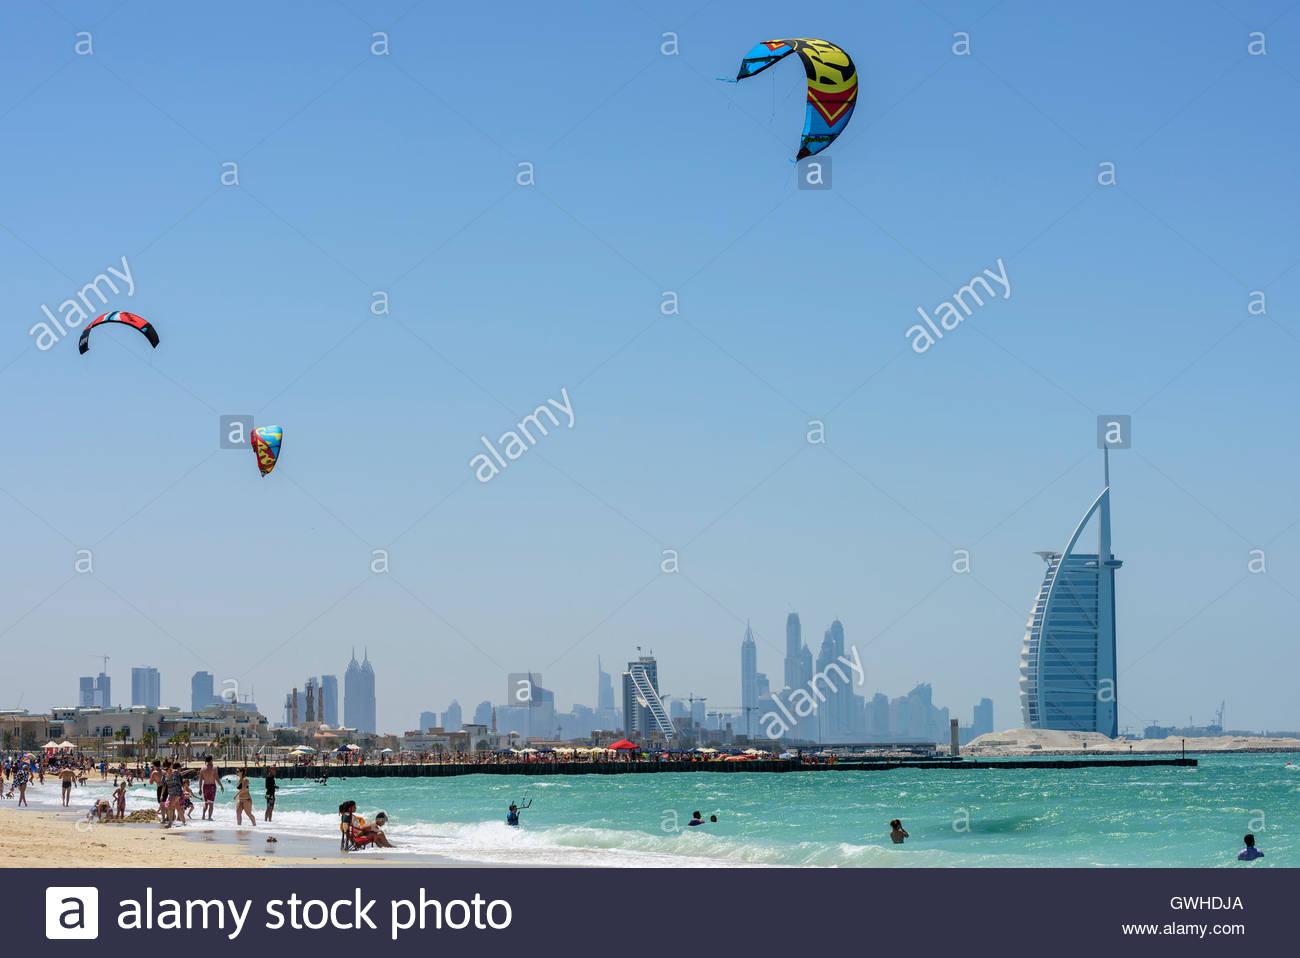 Corsi di Kite Surf in Dubai con il famoso Burj Al Arab hotel in background. Nessun modello/proprietà release. Immagini Stock